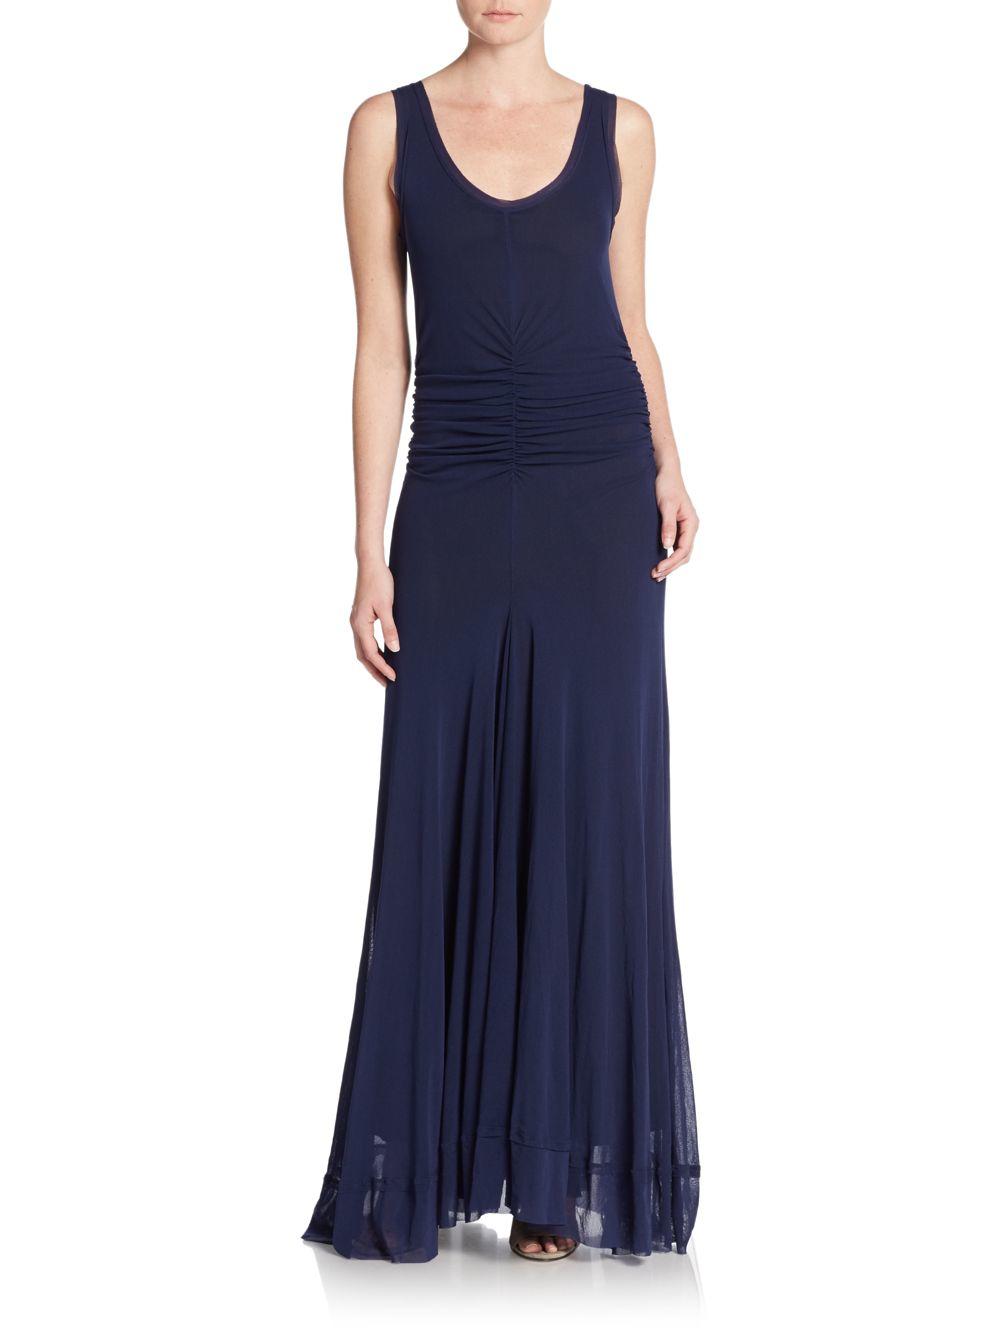 How to drop wear waist maxi dress